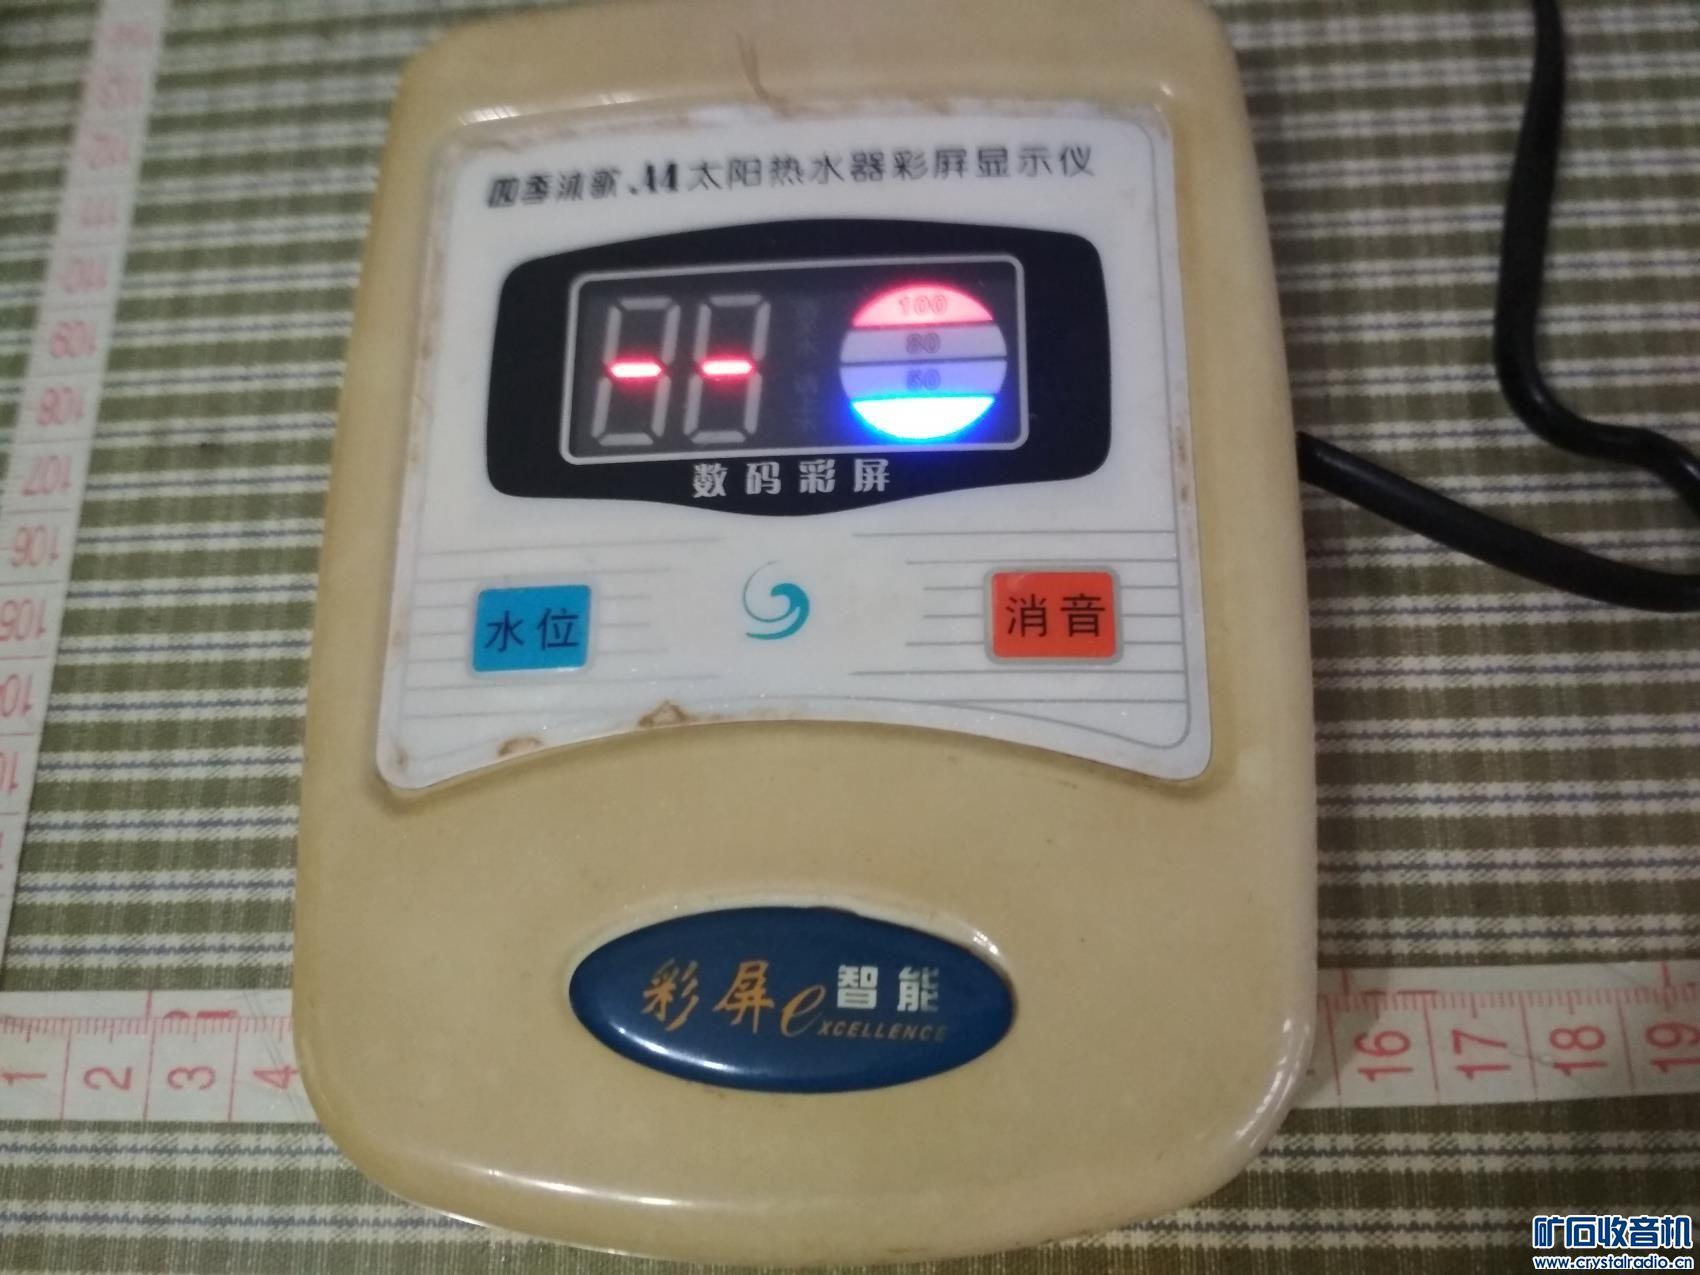 3898号太阳能热水器控制器好的3元 (1).jpg